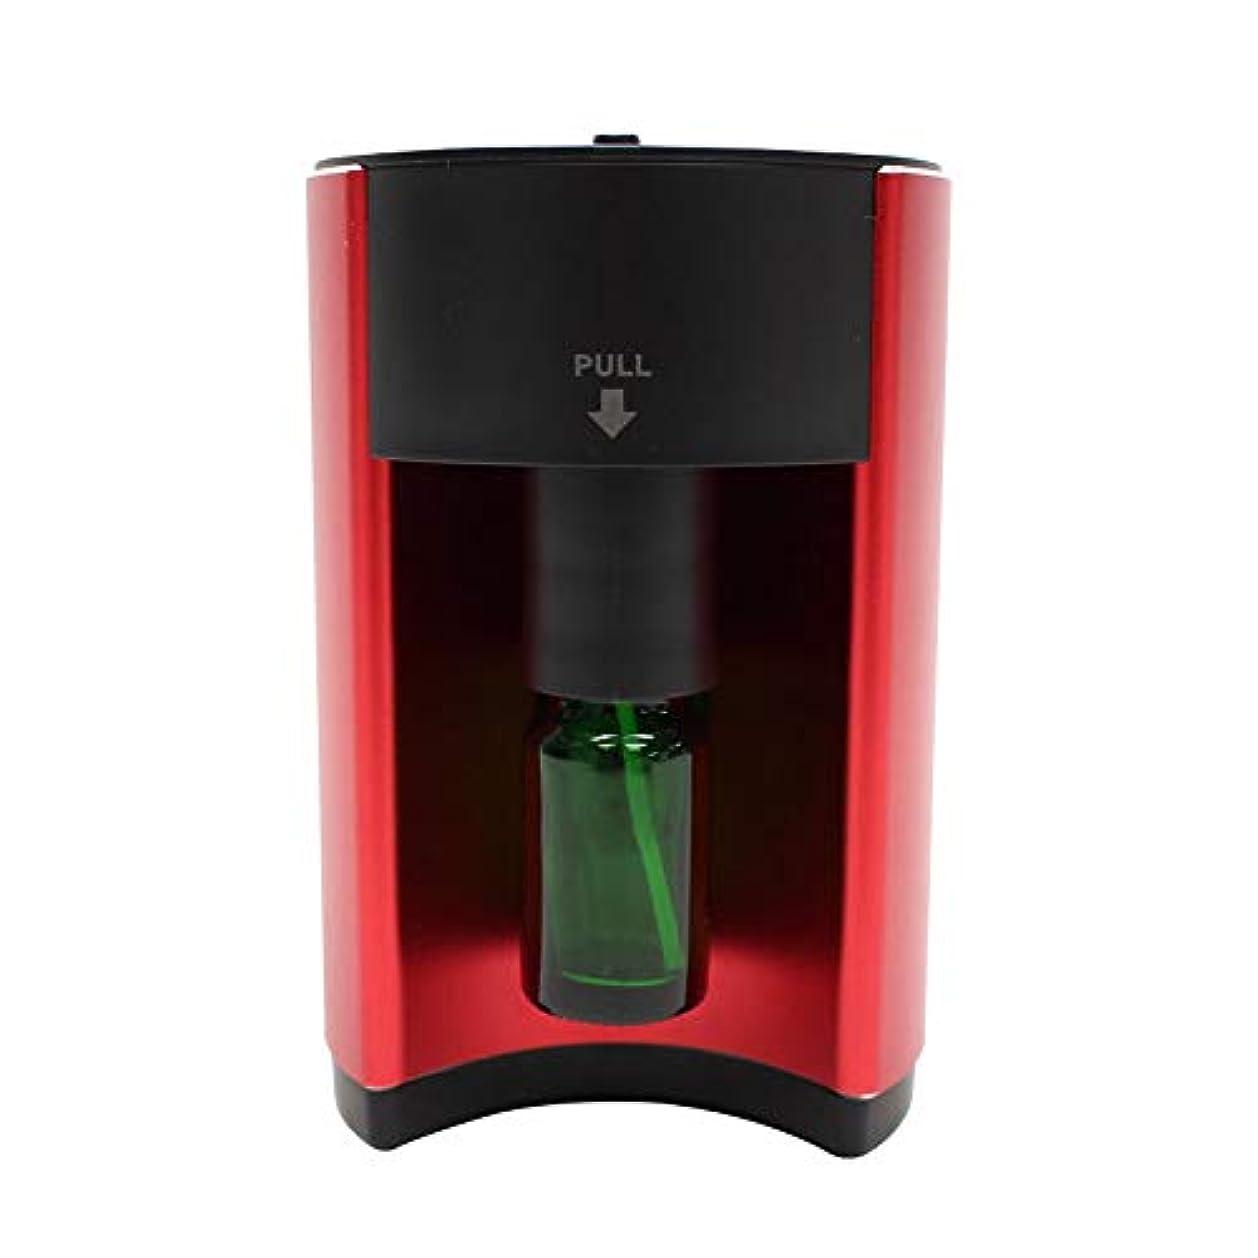 胸ナビゲーション追放するアロマディフューザー 噴霧式 自動停止 16段階モード設定 ECOモード搭載 水を使わない ネブライザー式 コンパクト AC電源式 香り 癒し レッド